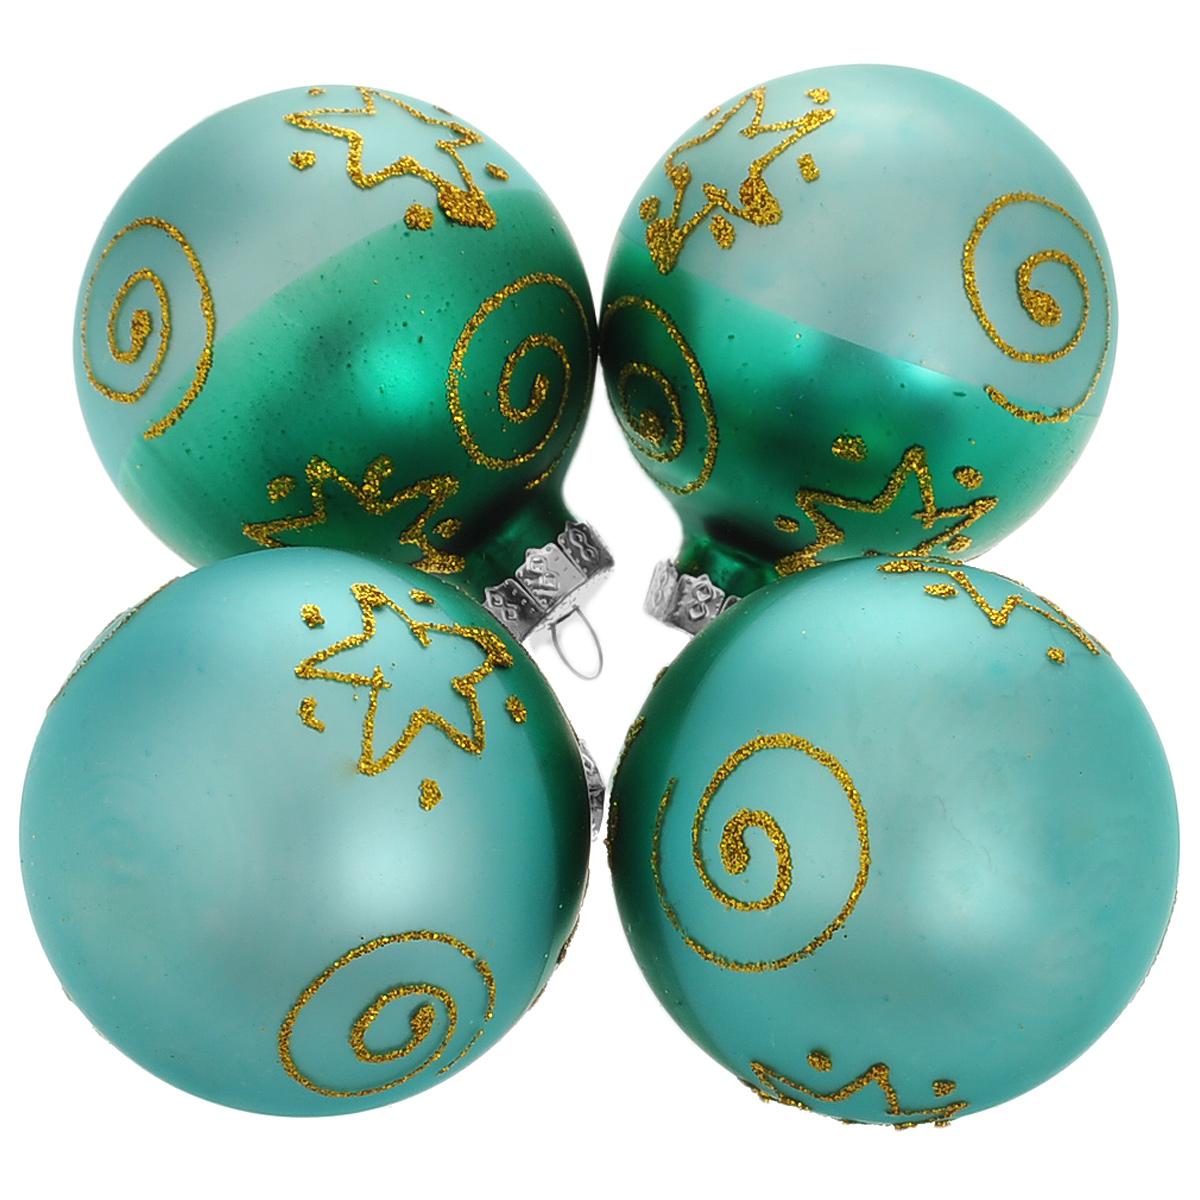 Набор новогодних подвесных украшений Шар, цвет: зеленый, золотистый, диаметр 6 см, 4 шт. 345021120297Набор новогодних подвесных украшений Шар прекрасно подойдет для праздничного декора новогодней ели. Состоит из четырех шаров.Елочная игрушка - символ Нового года. Она несет в себе волшебство и красоту праздника. Создайте в своем доме атмосферу веселья и радости, украшая новогоднюю елку нарядными игрушками, которые будут из года в год накапливать теплоту воспоминаний. Коллекция декоративных украшений принесет в ваш дом ни с чем несравнимое ощущение волшебства! Откройте для себя удивительный мир сказок и грез. Почувствуйте волшебные минуты ожидания праздника, создайте новогоднее настроение вашим дорогим и близким.